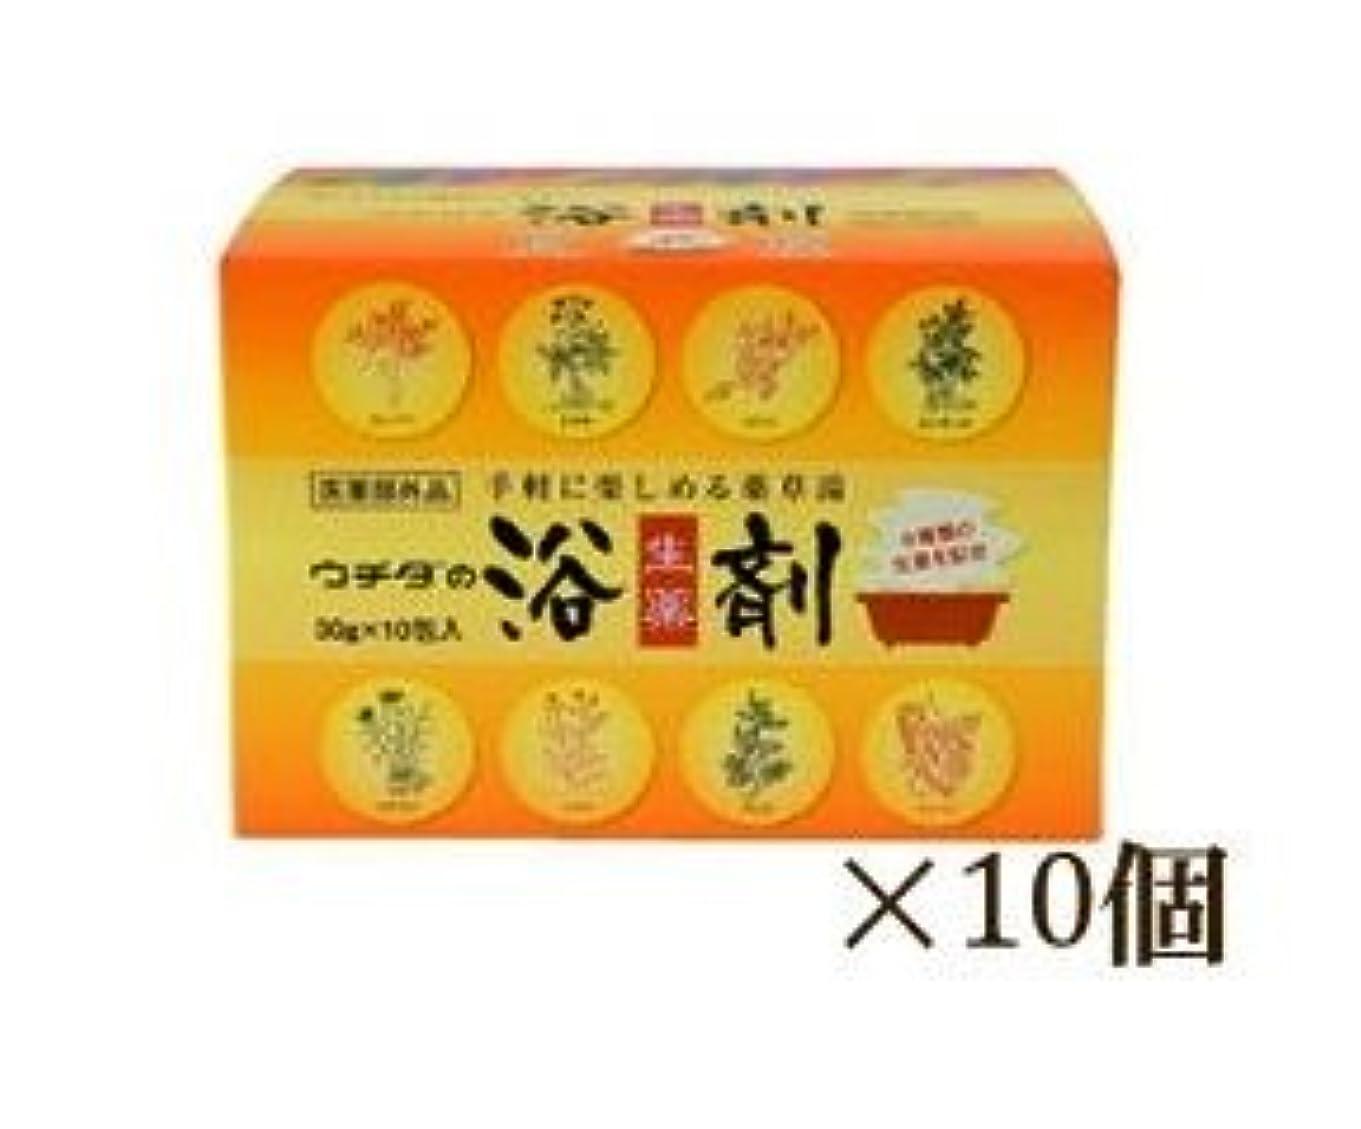 肥沃な気候の山必要ないウチダの生薬浴剤 10箱セット (1箱30g×10包) 医薬部外品